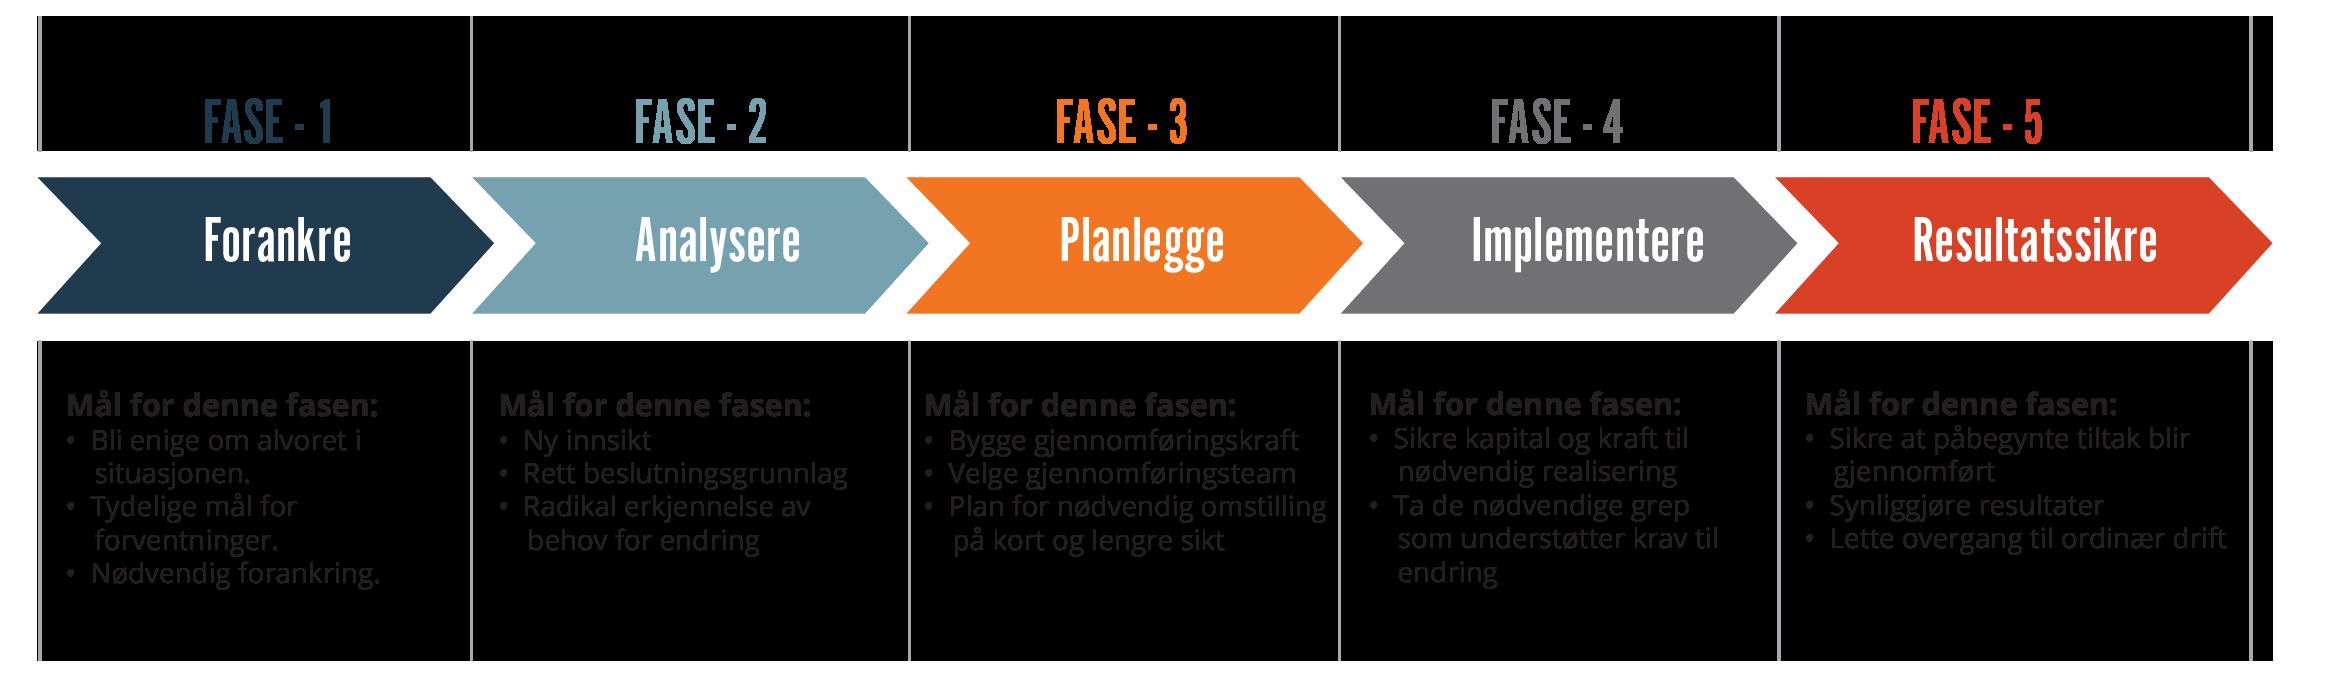 5 faser som bør angripes i en omstillingsprosess